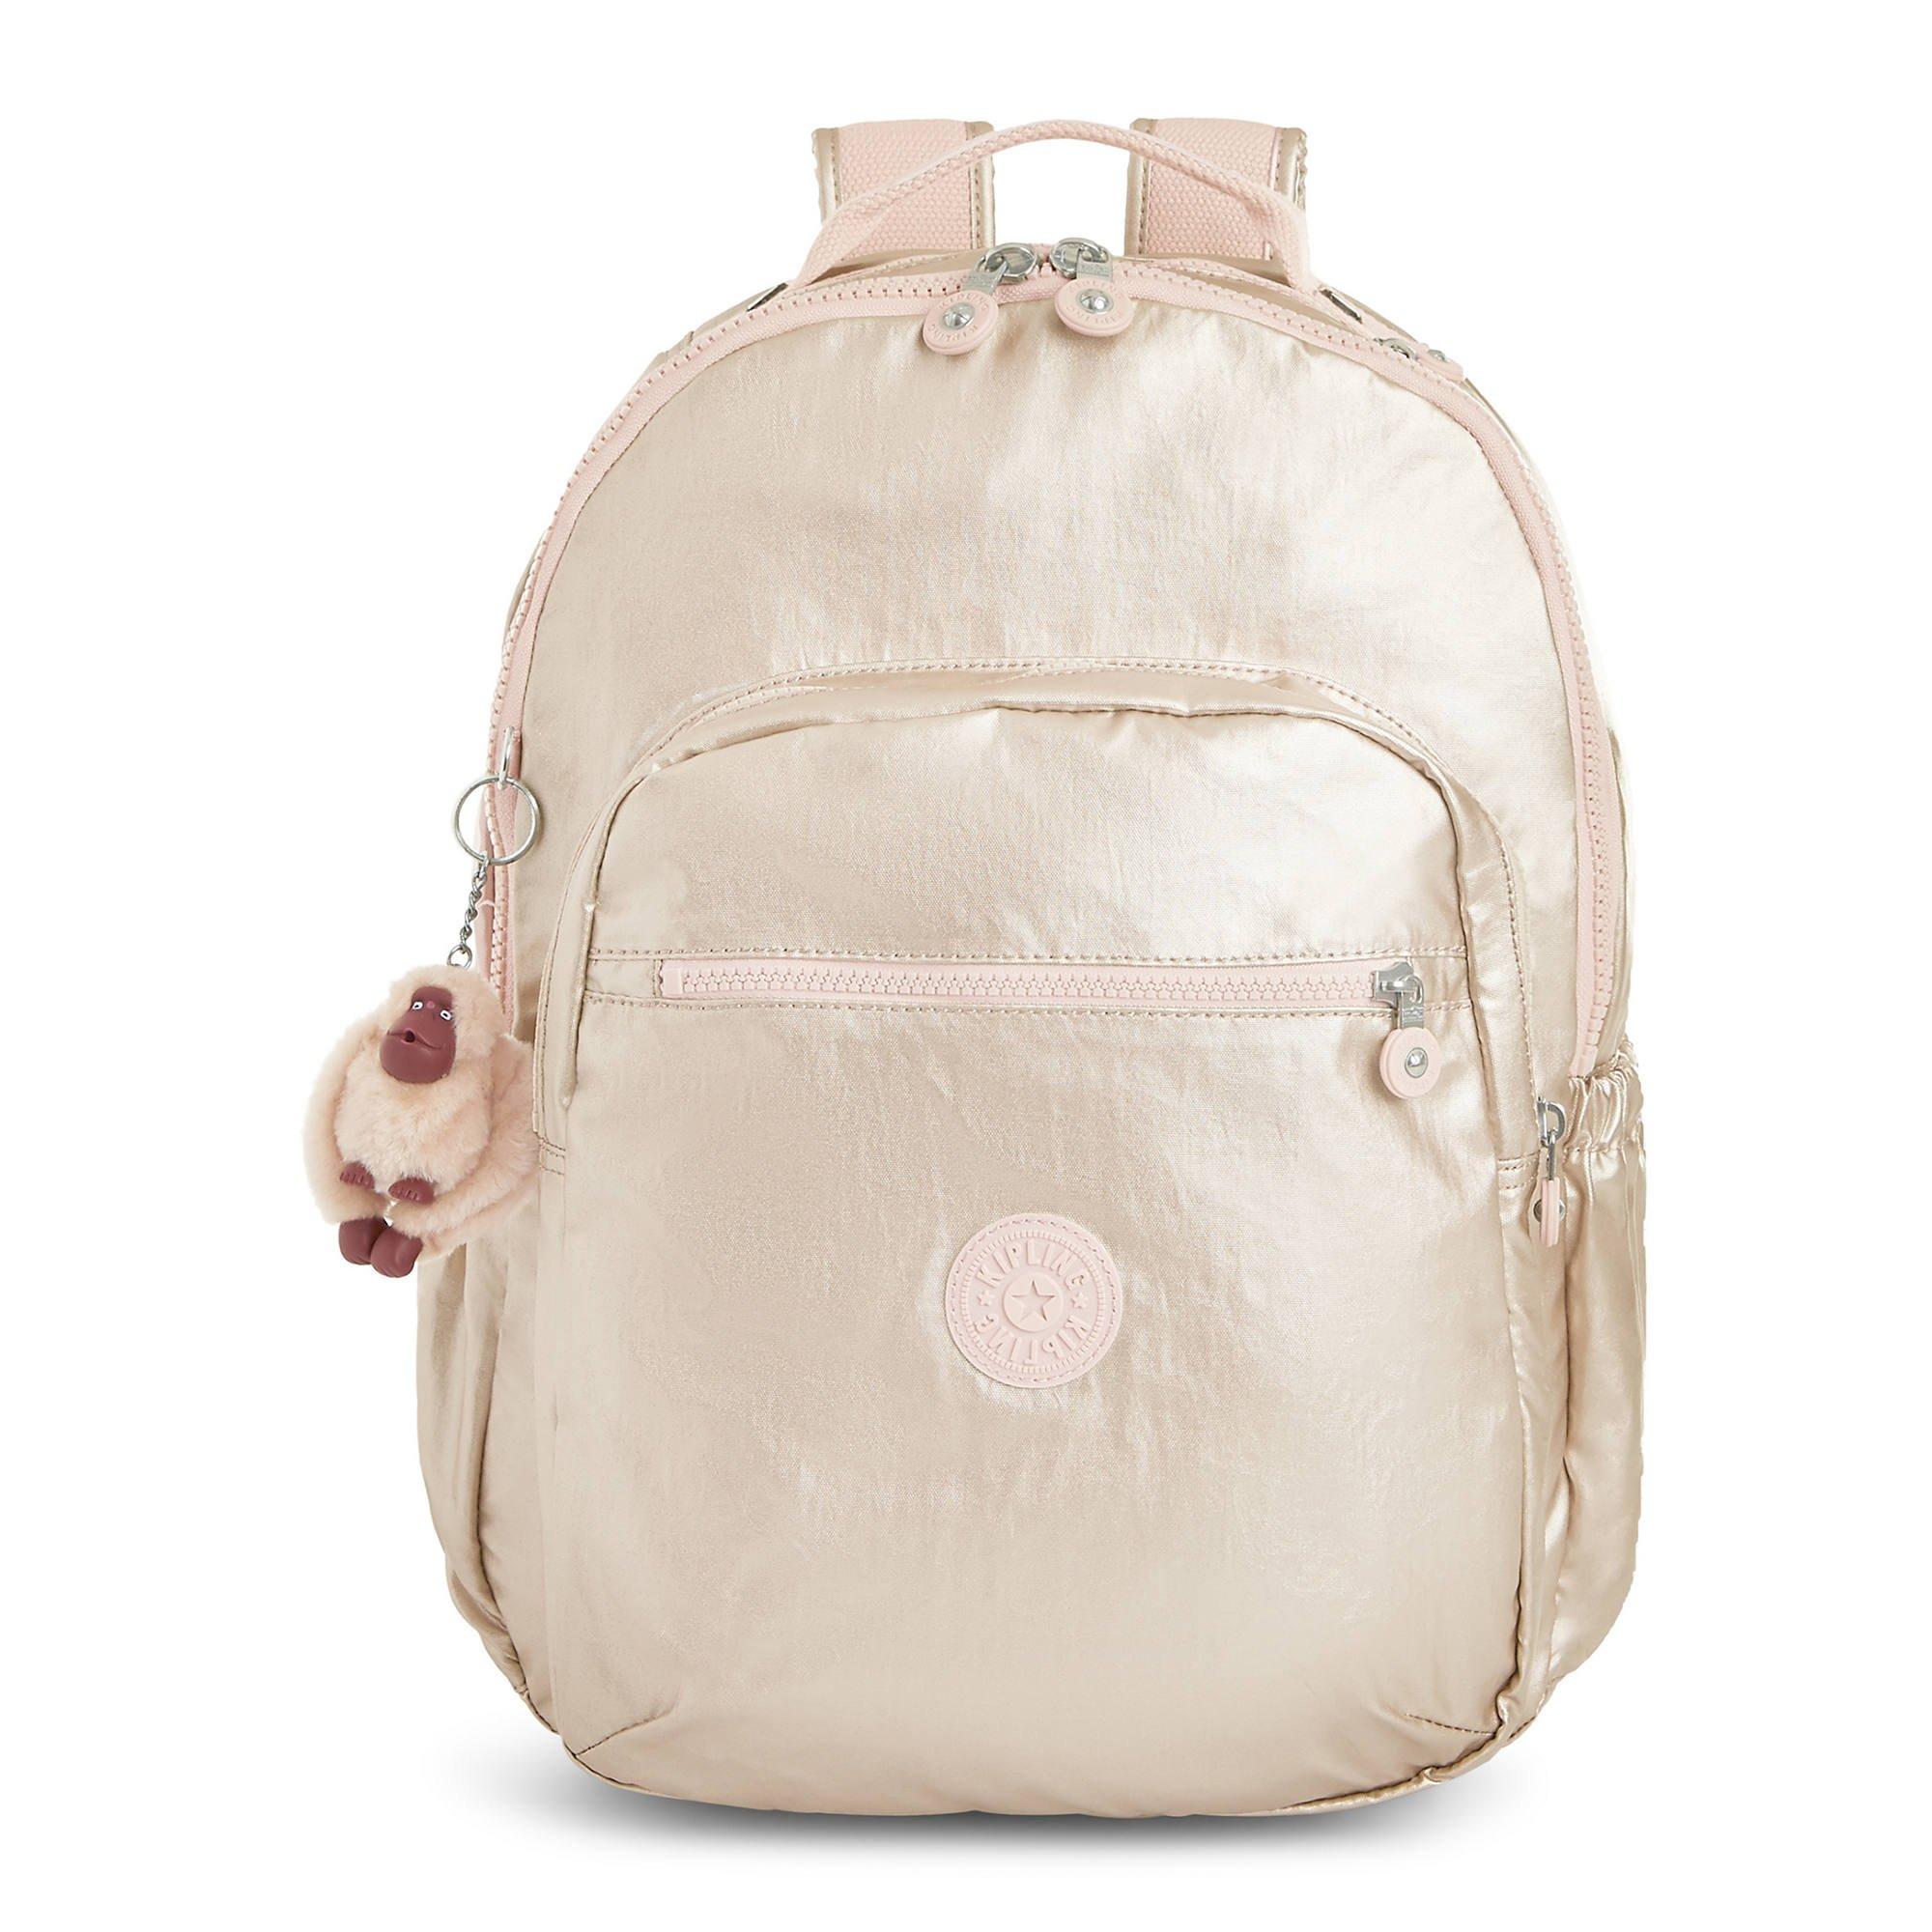 Kipling Seoul Go Large Metallic 15'' Laptop Backpack One Size Gleaming Gold Metallic